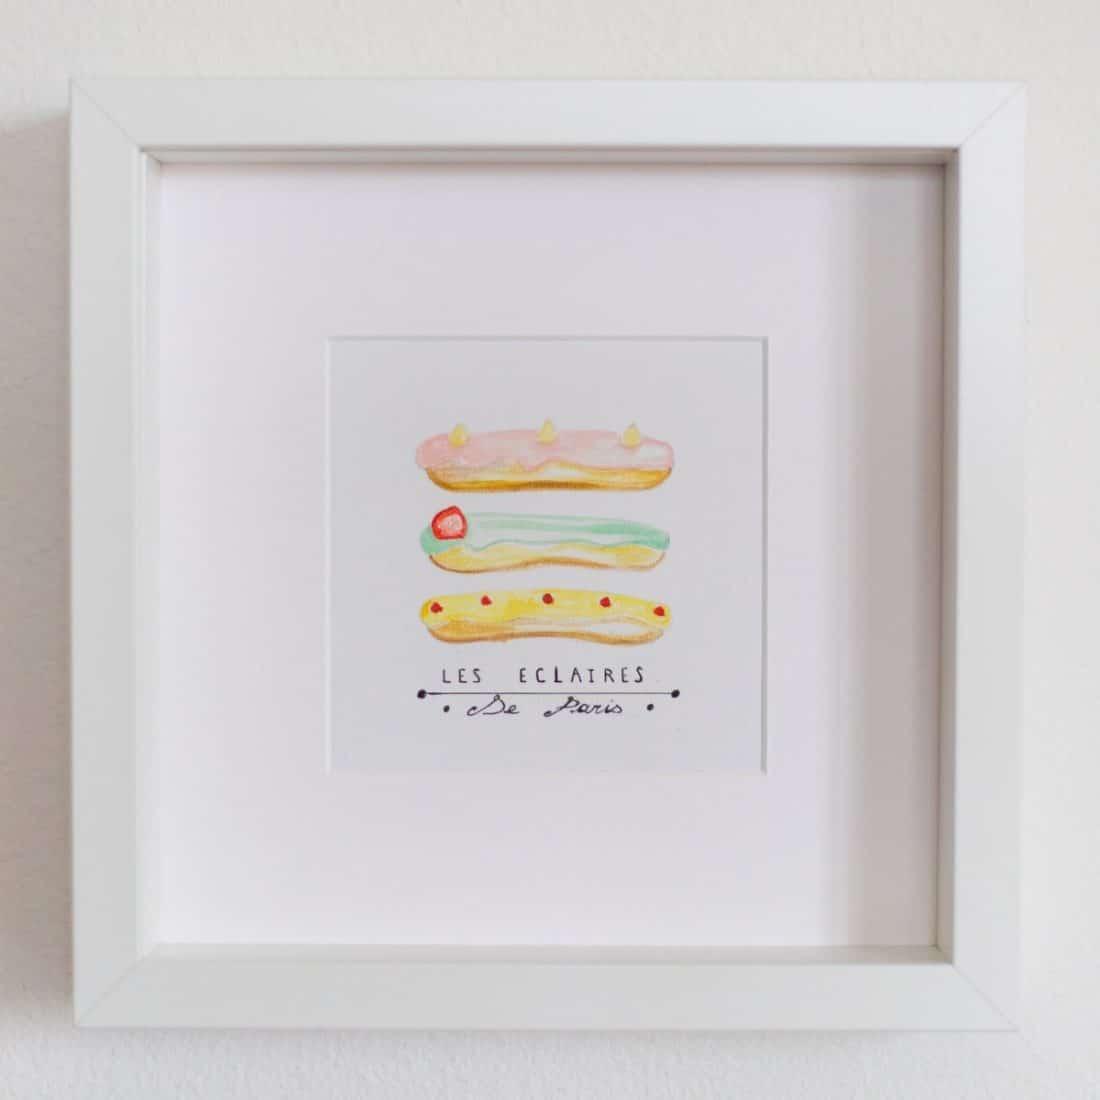 illustrazioni bon appetit